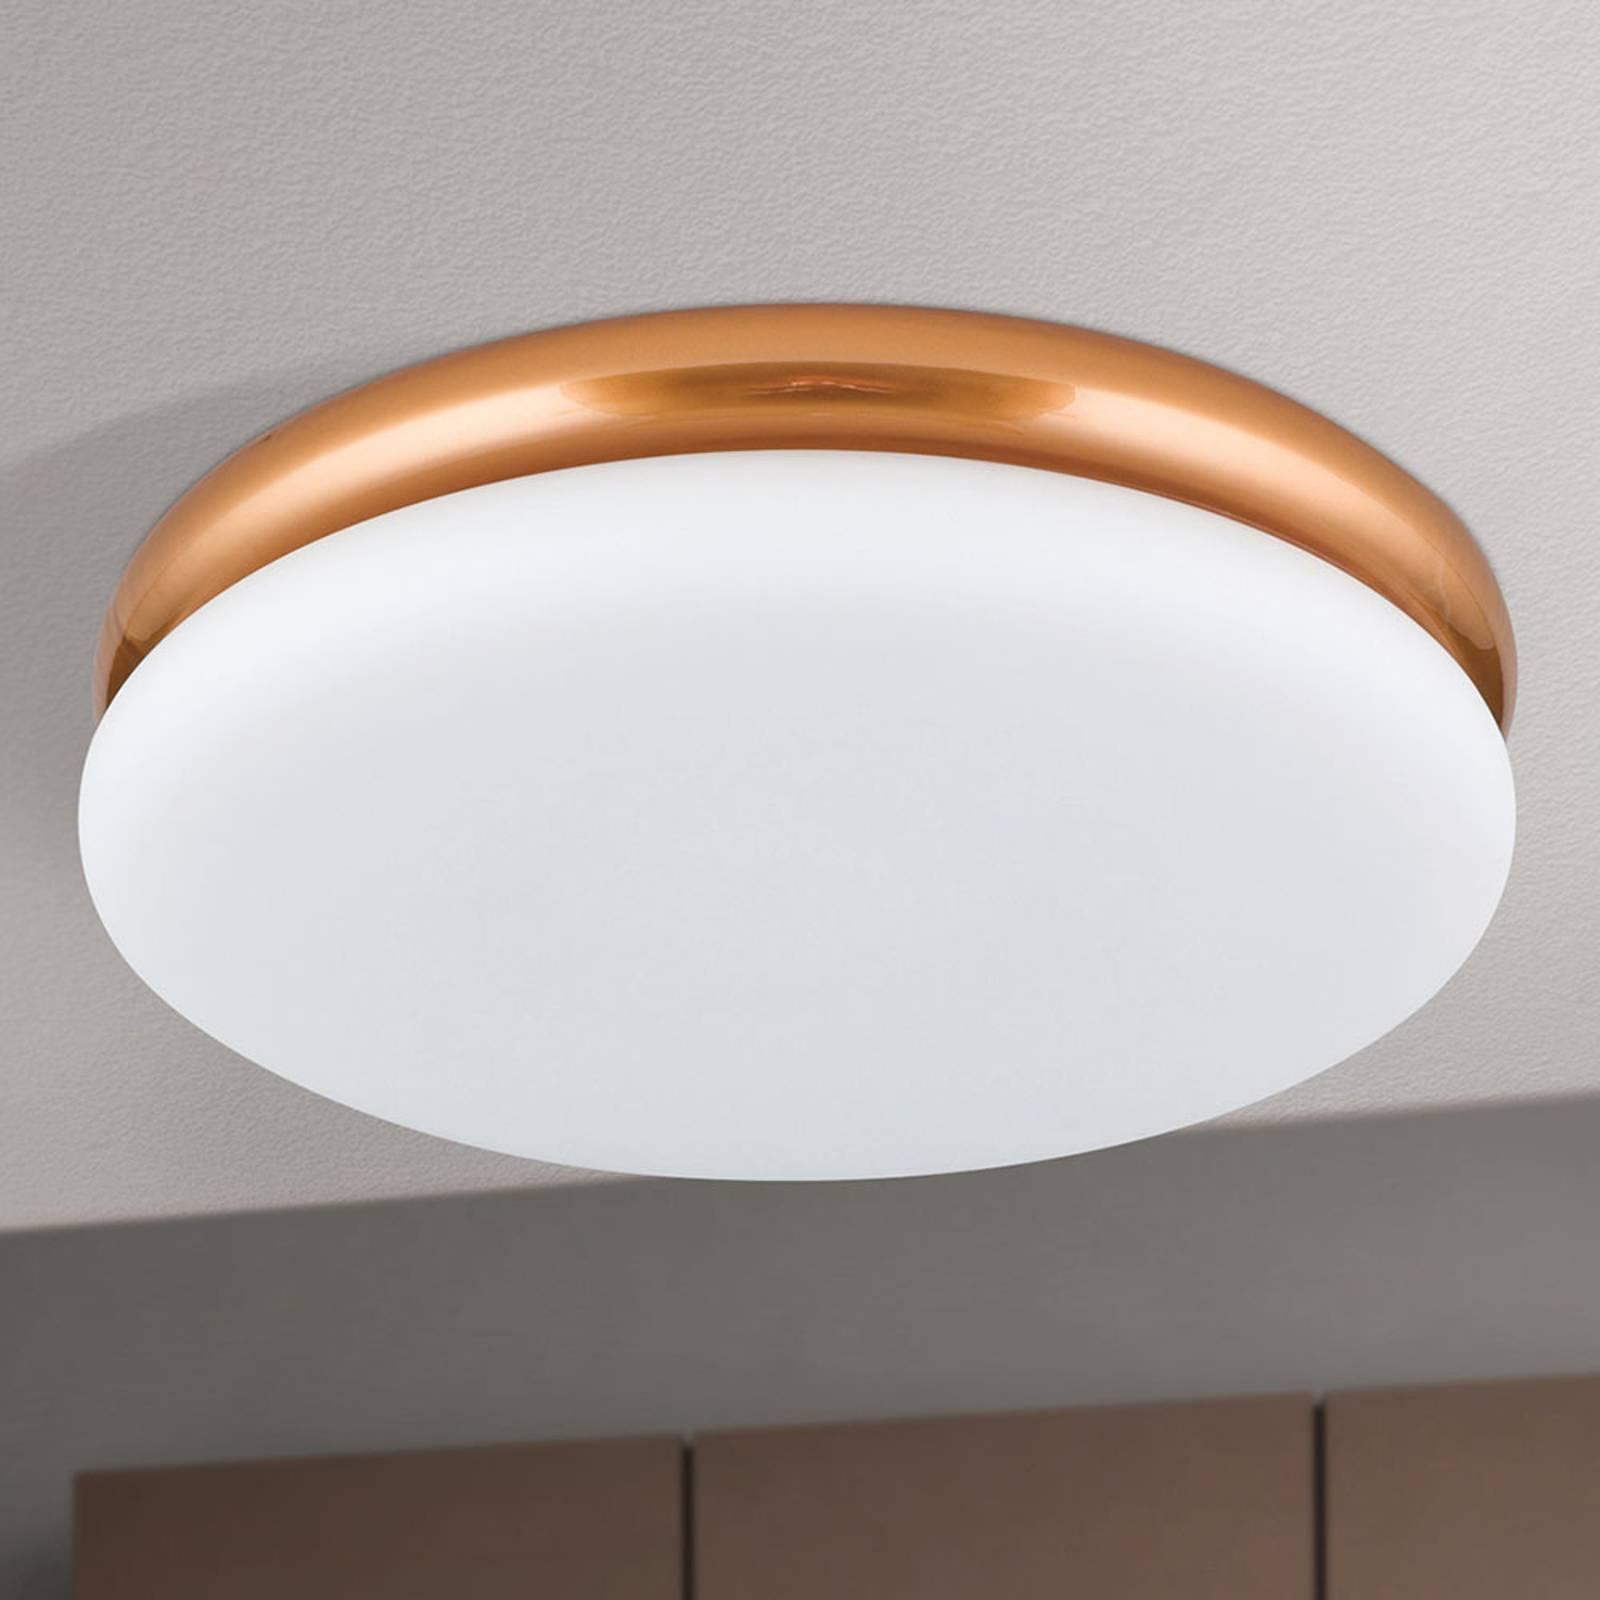 LED-kattovalaisin James, metallirunko, kupari